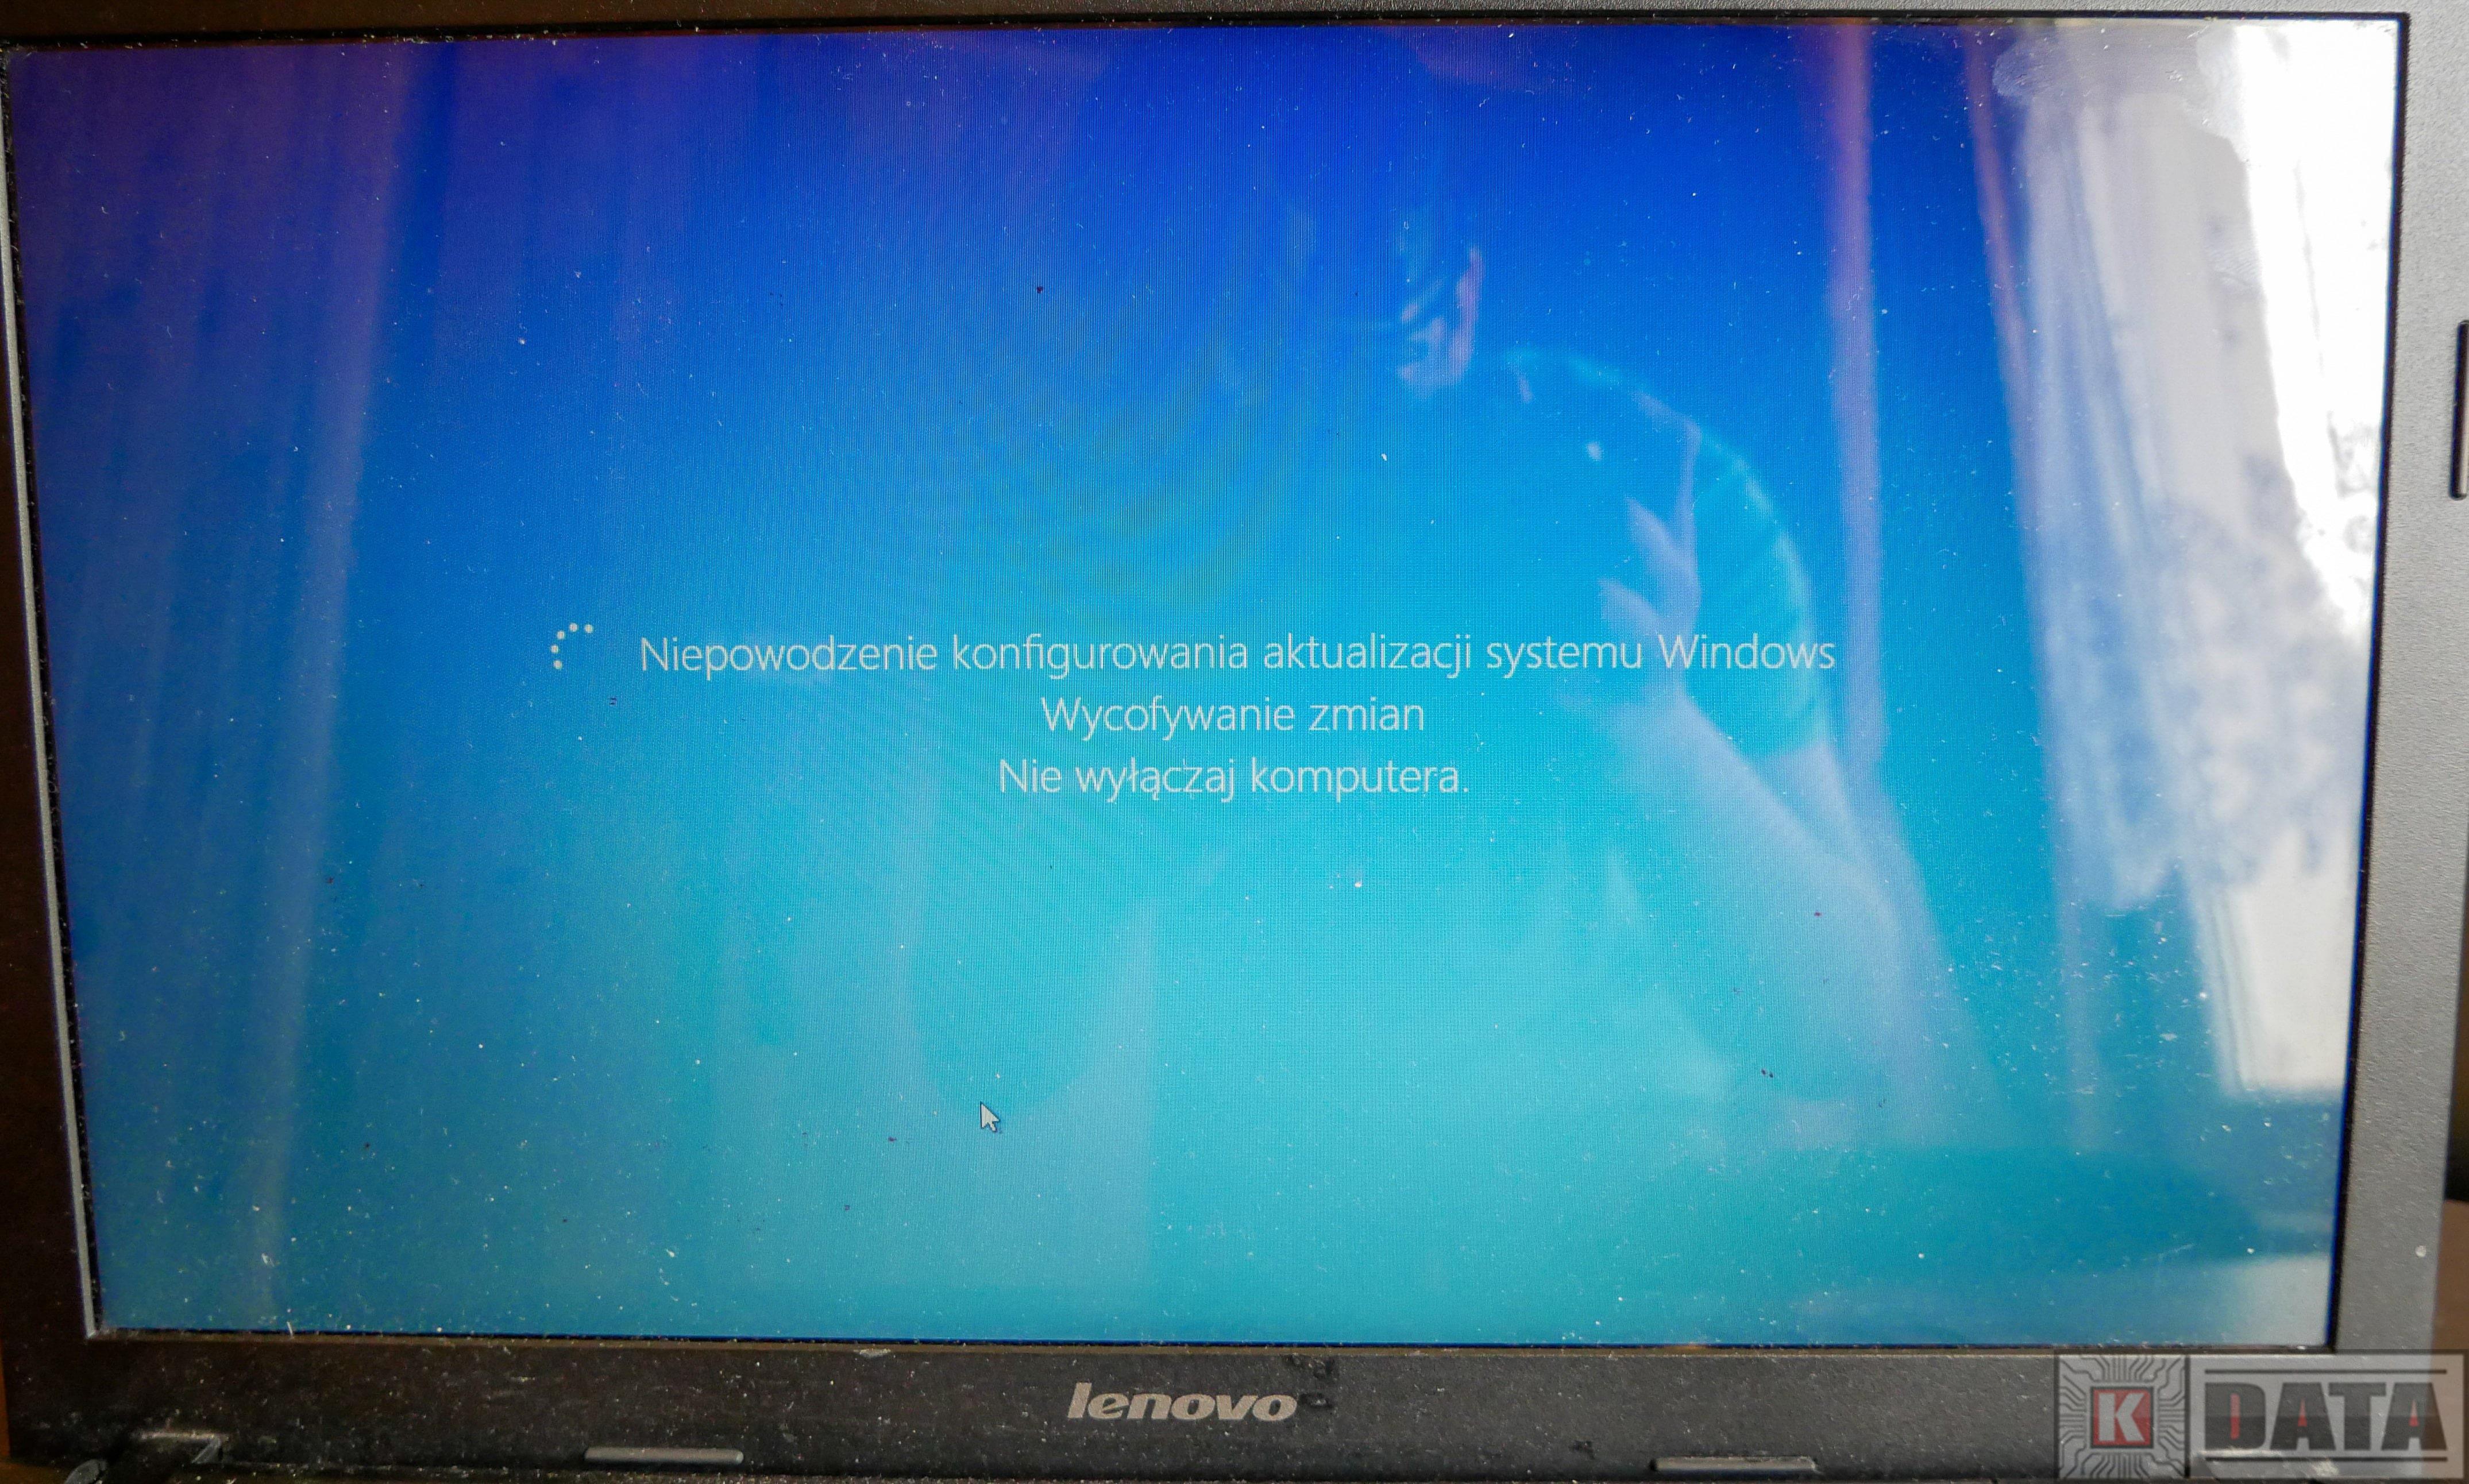 Lenovo Ideapad G500 Nieudana aktualizacja systemu Windows